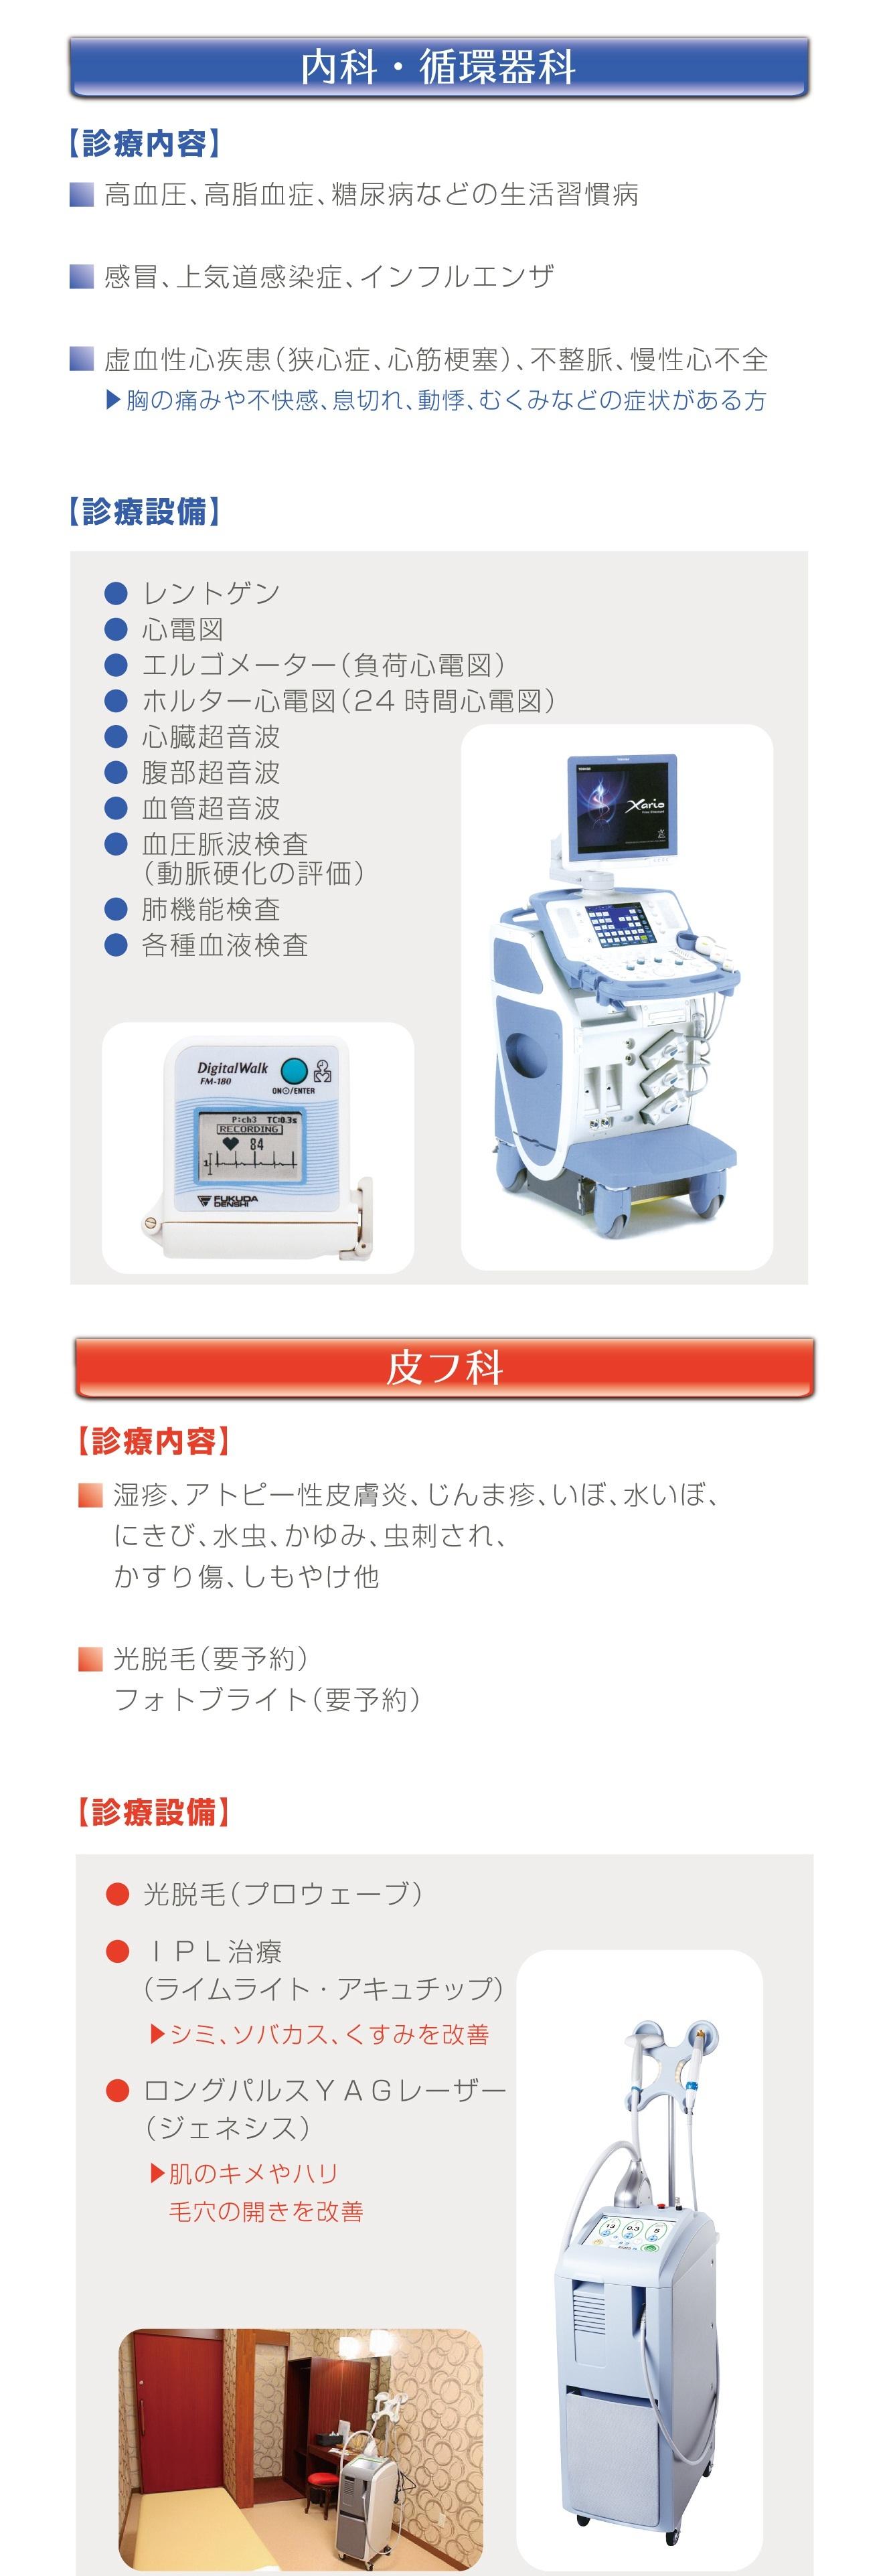 診療内容、診療設備